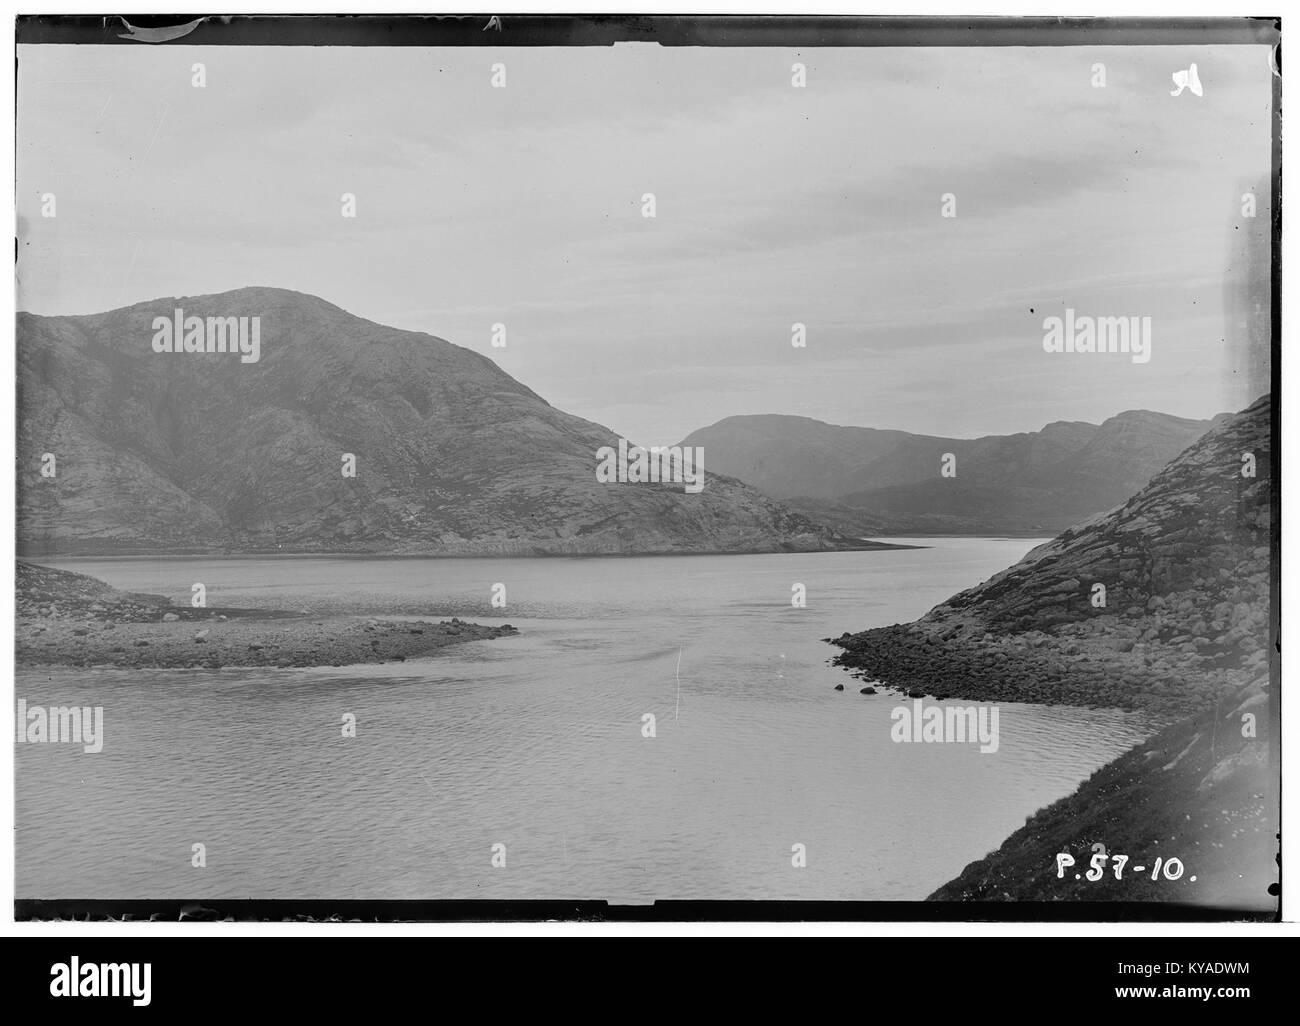 Osenstrømmen, Sør Trondhjems amt - fo30141512150018 - Stock Image